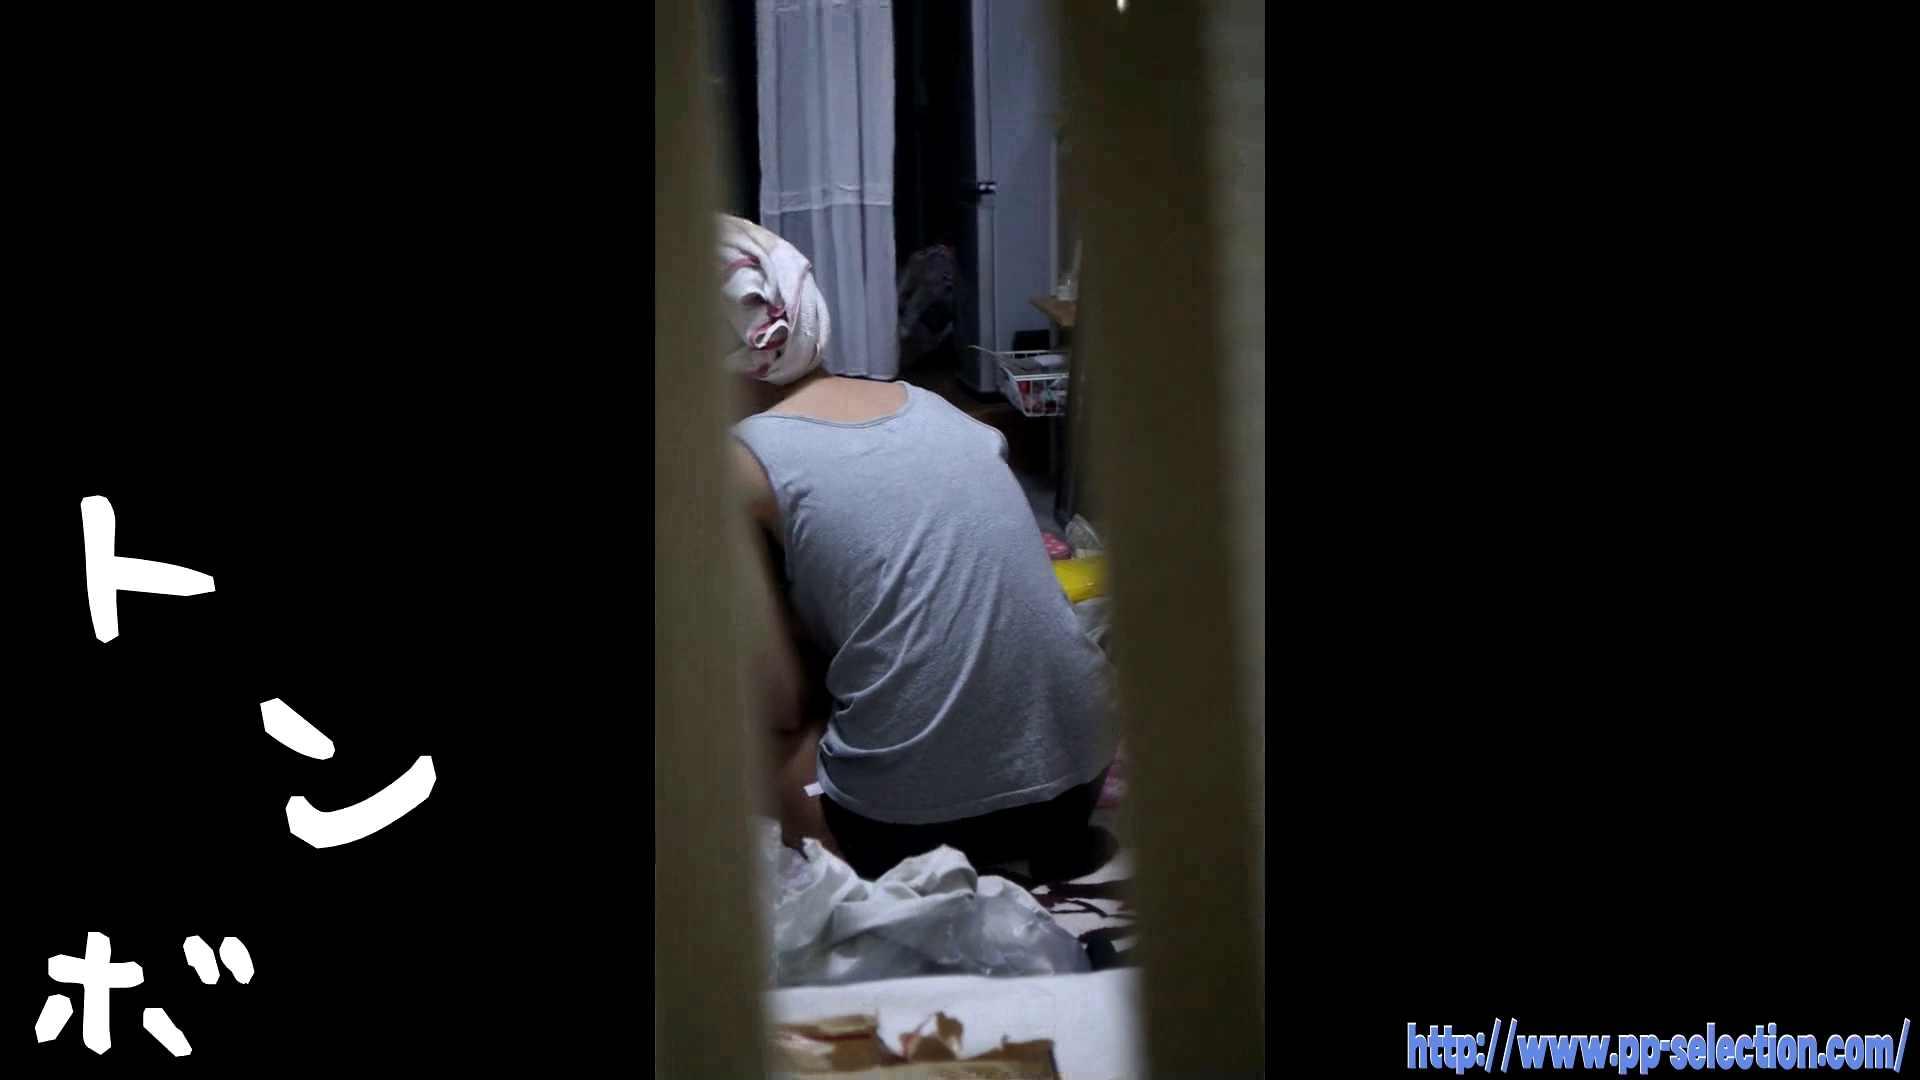 エロ動画:美女達の私生活に潜入!一人暮らし女子大生禁断の裸(腋フェチ必見)!!:怪盗ジョーカー